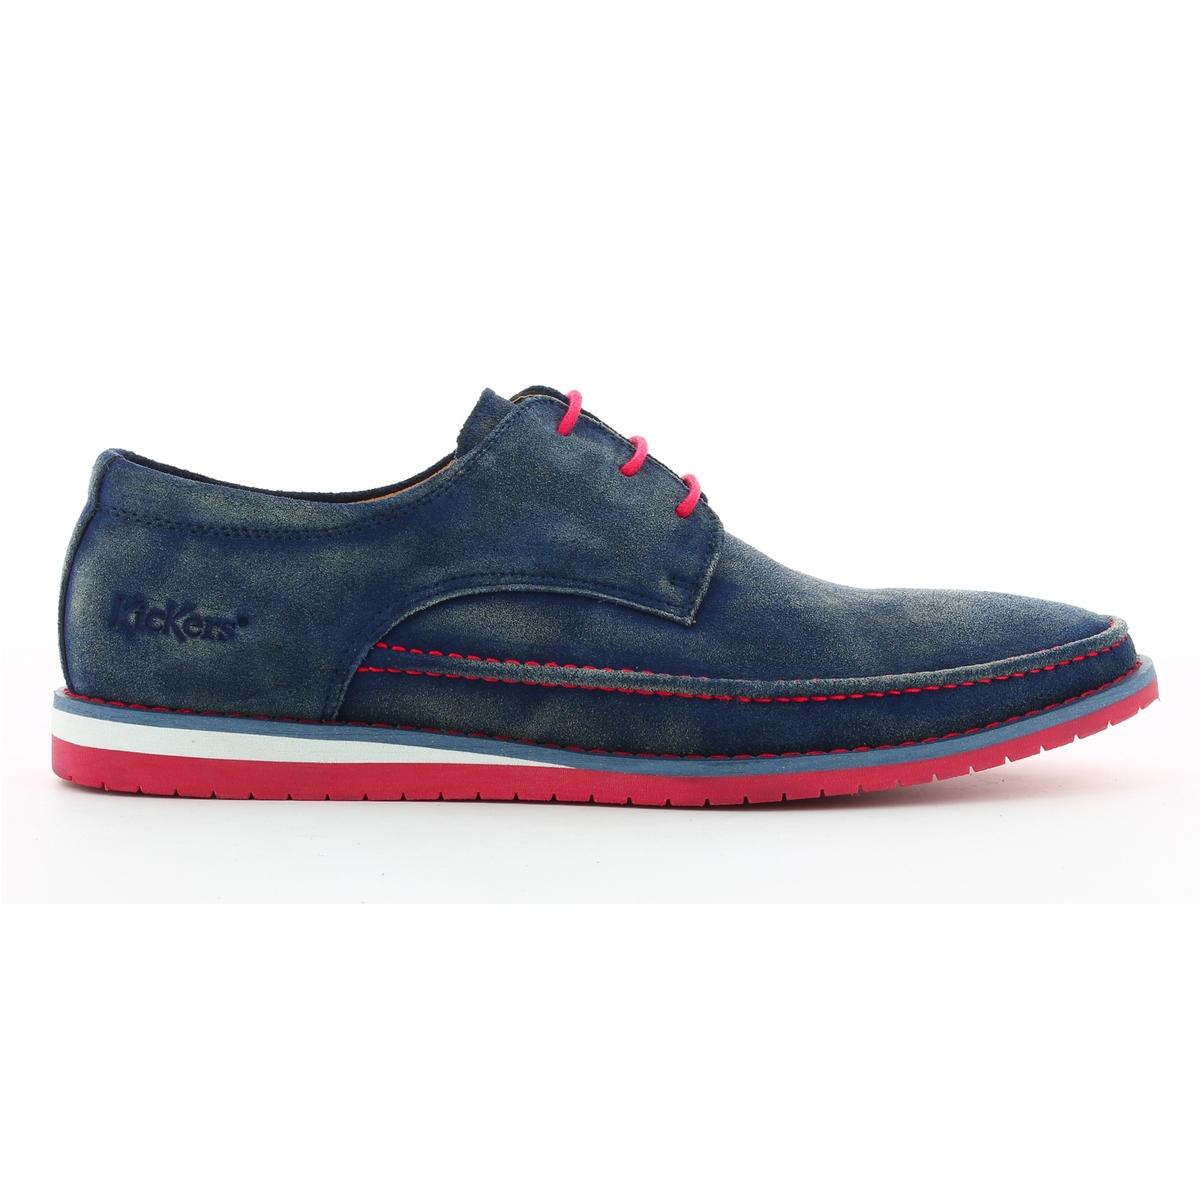 Ботинки-дерби из спилка на шнуровке Tumper ботинки женские зимние на шнуровке без каблука купить